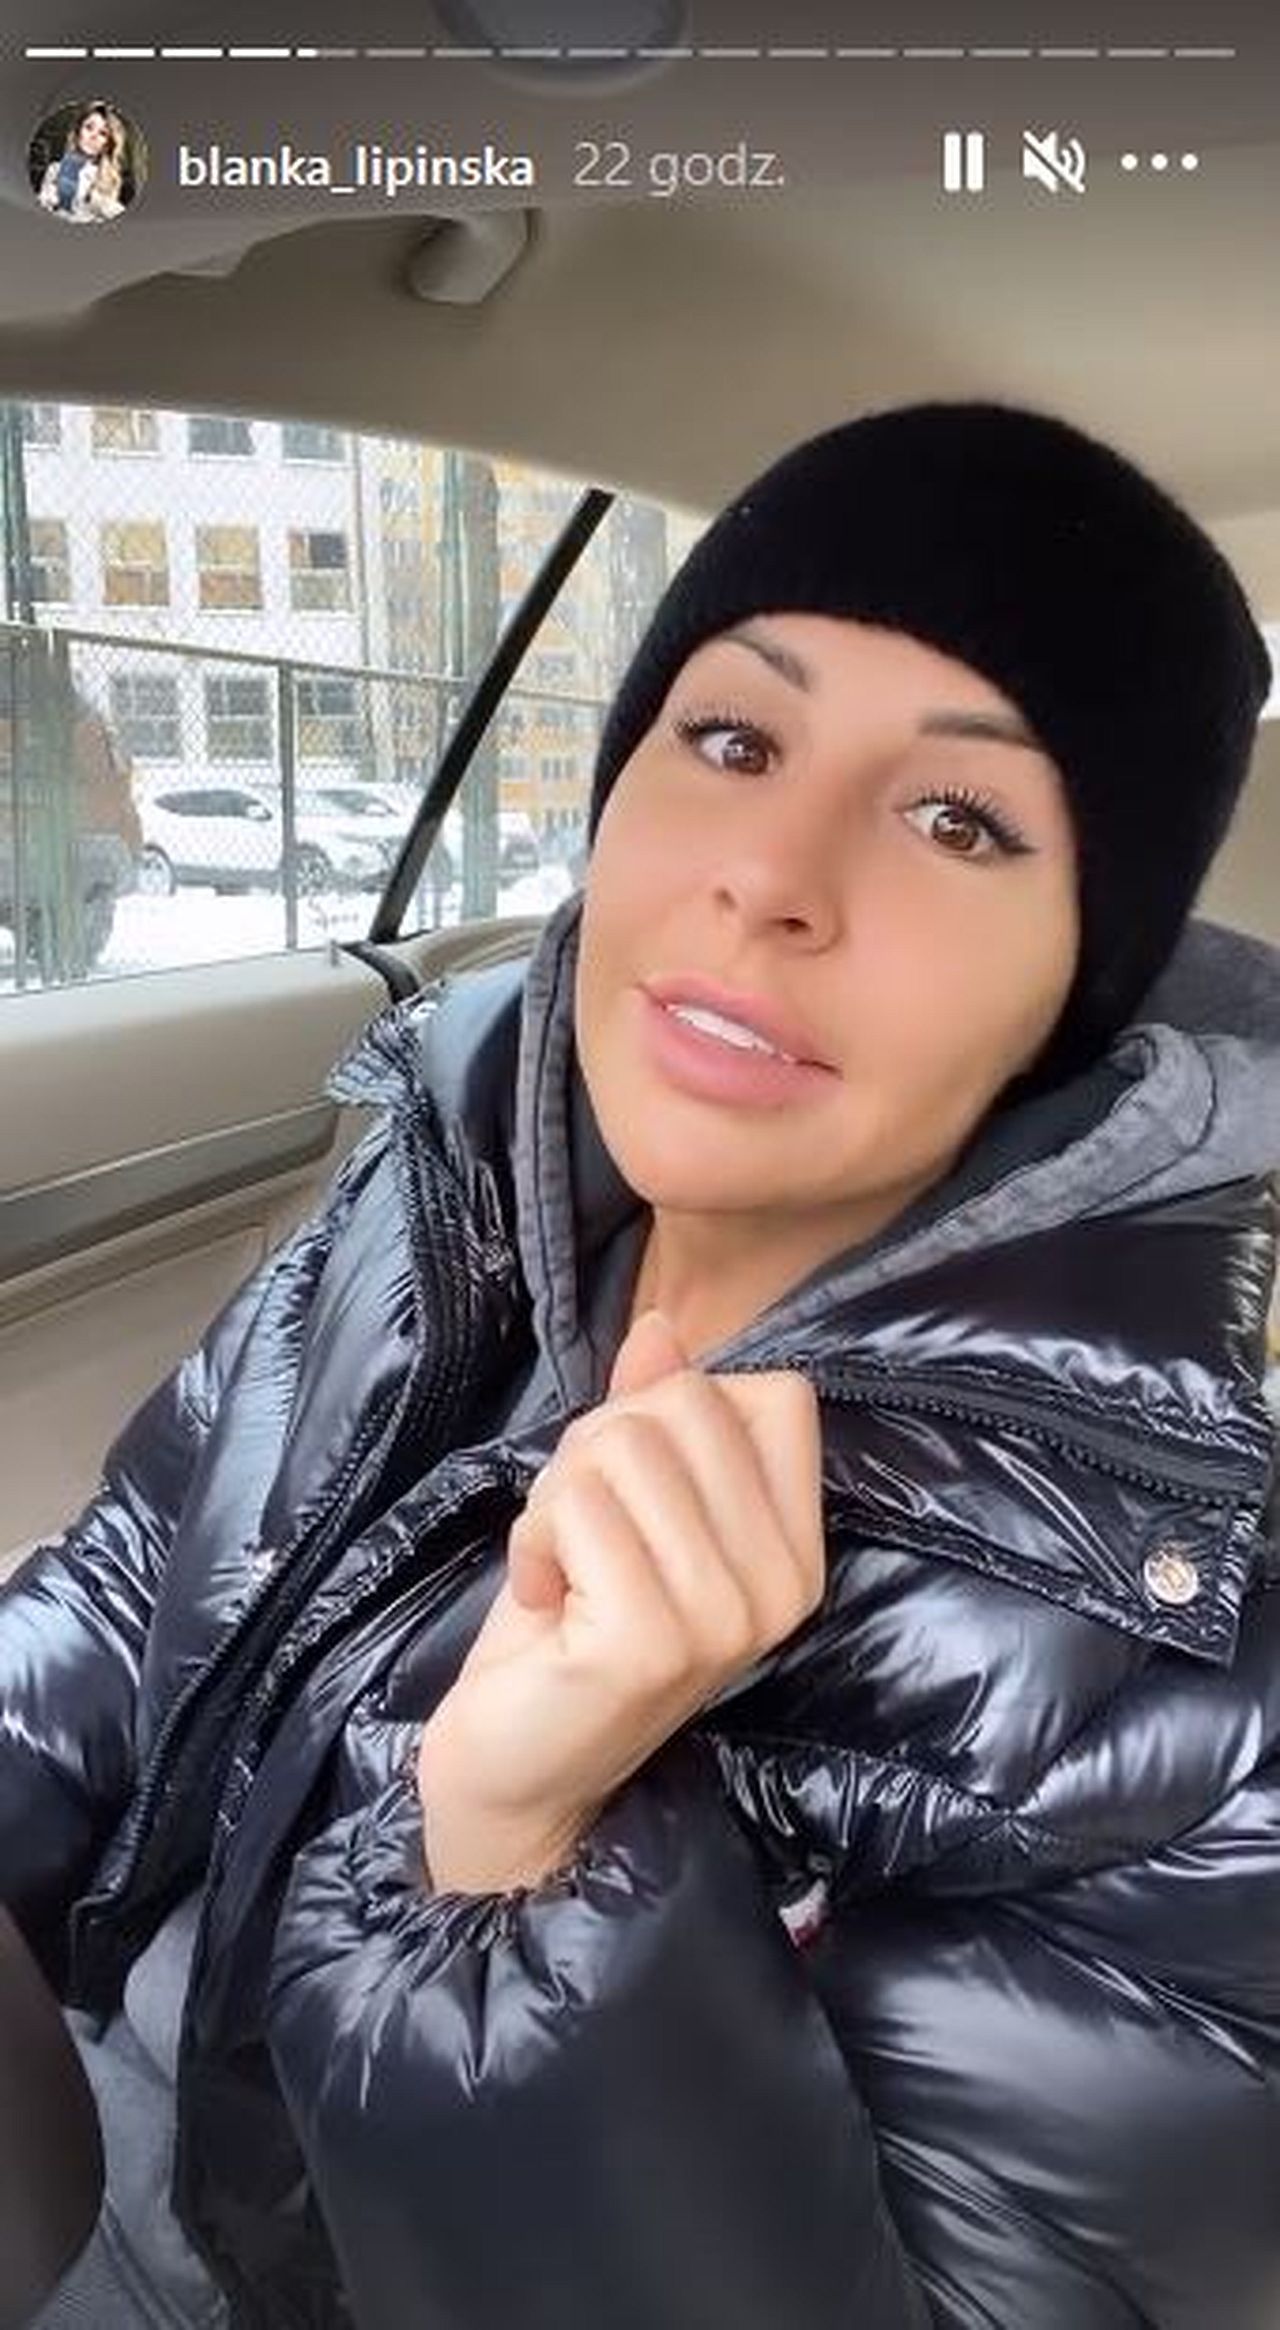 Blanka Lipińska zrobiła bonding zębów